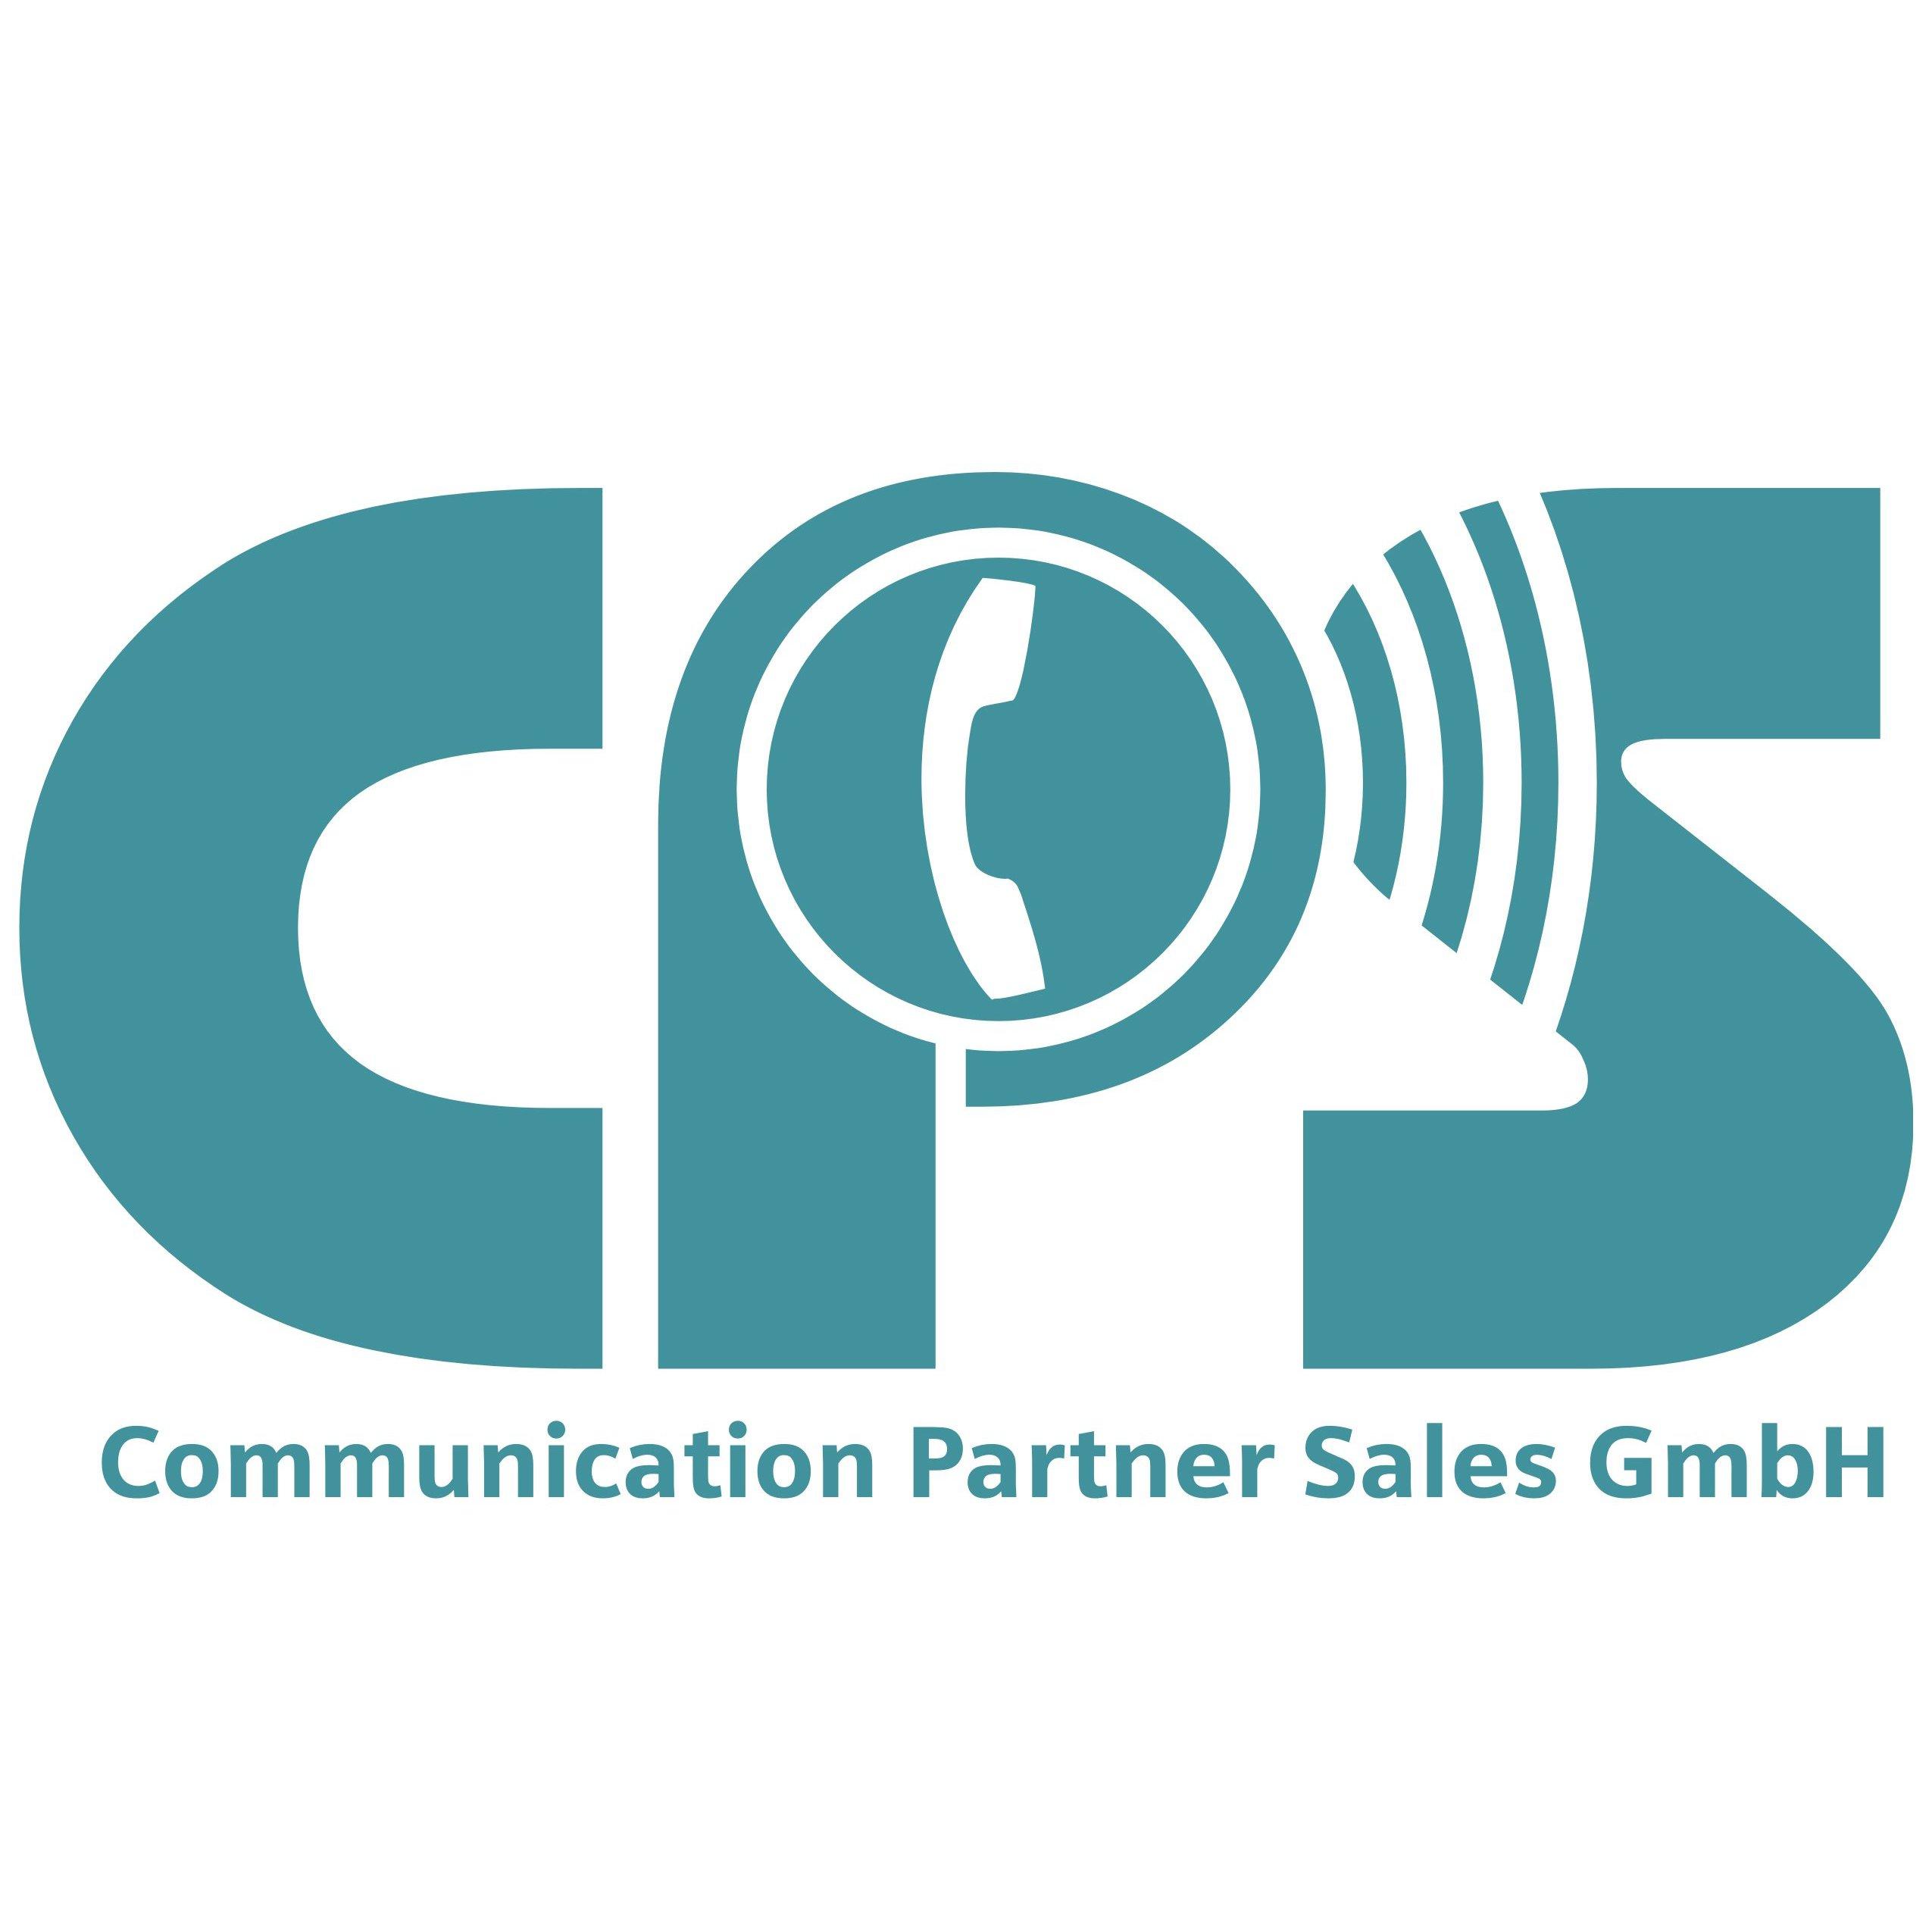 Bild zu CPS Communication Partner Sales GmbH in Wetzlar